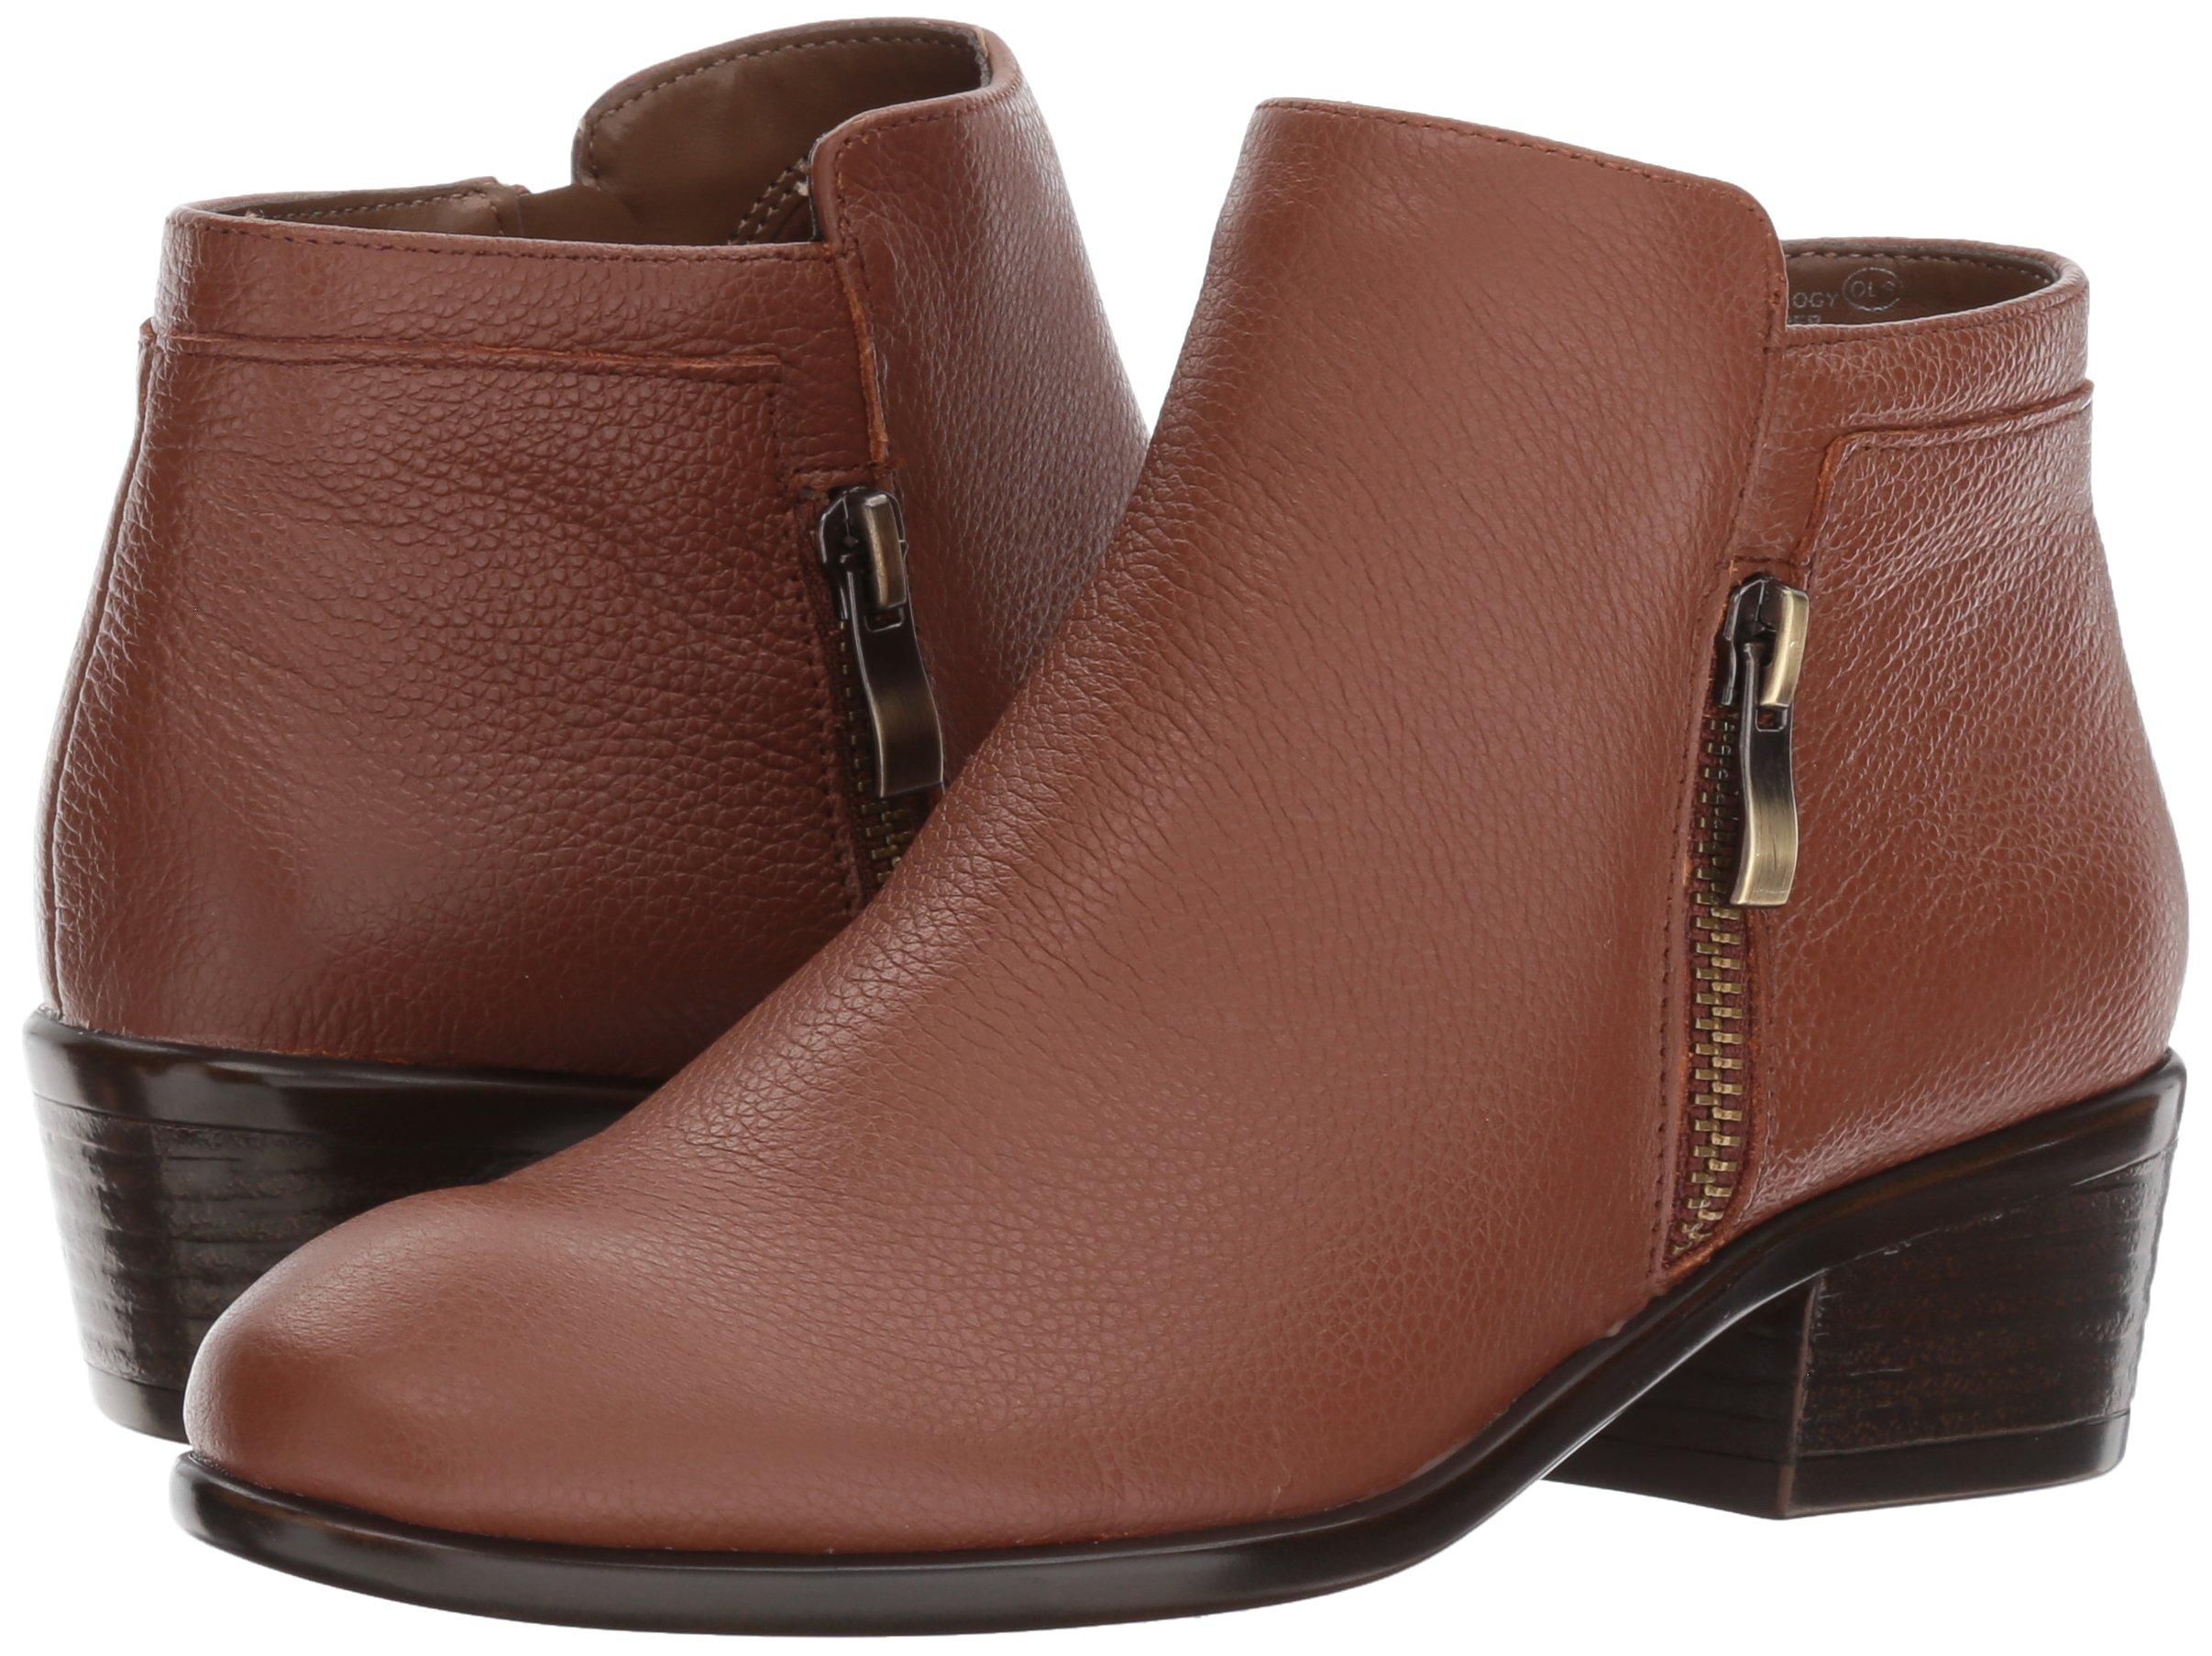 Aerosoles Women's Mythology Boot, Dark Tan Leather, 9 W US by Aerosoles (Image #6)